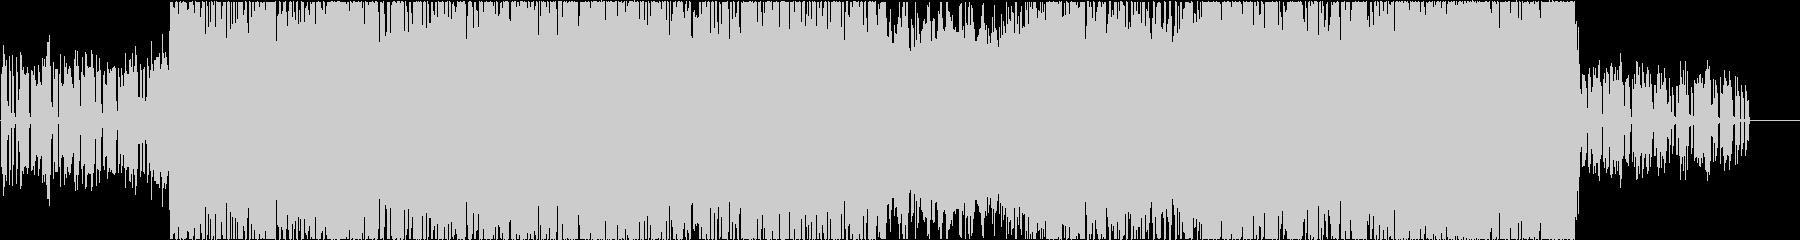 クールなシンセに激しいメタルインストの未再生の波形